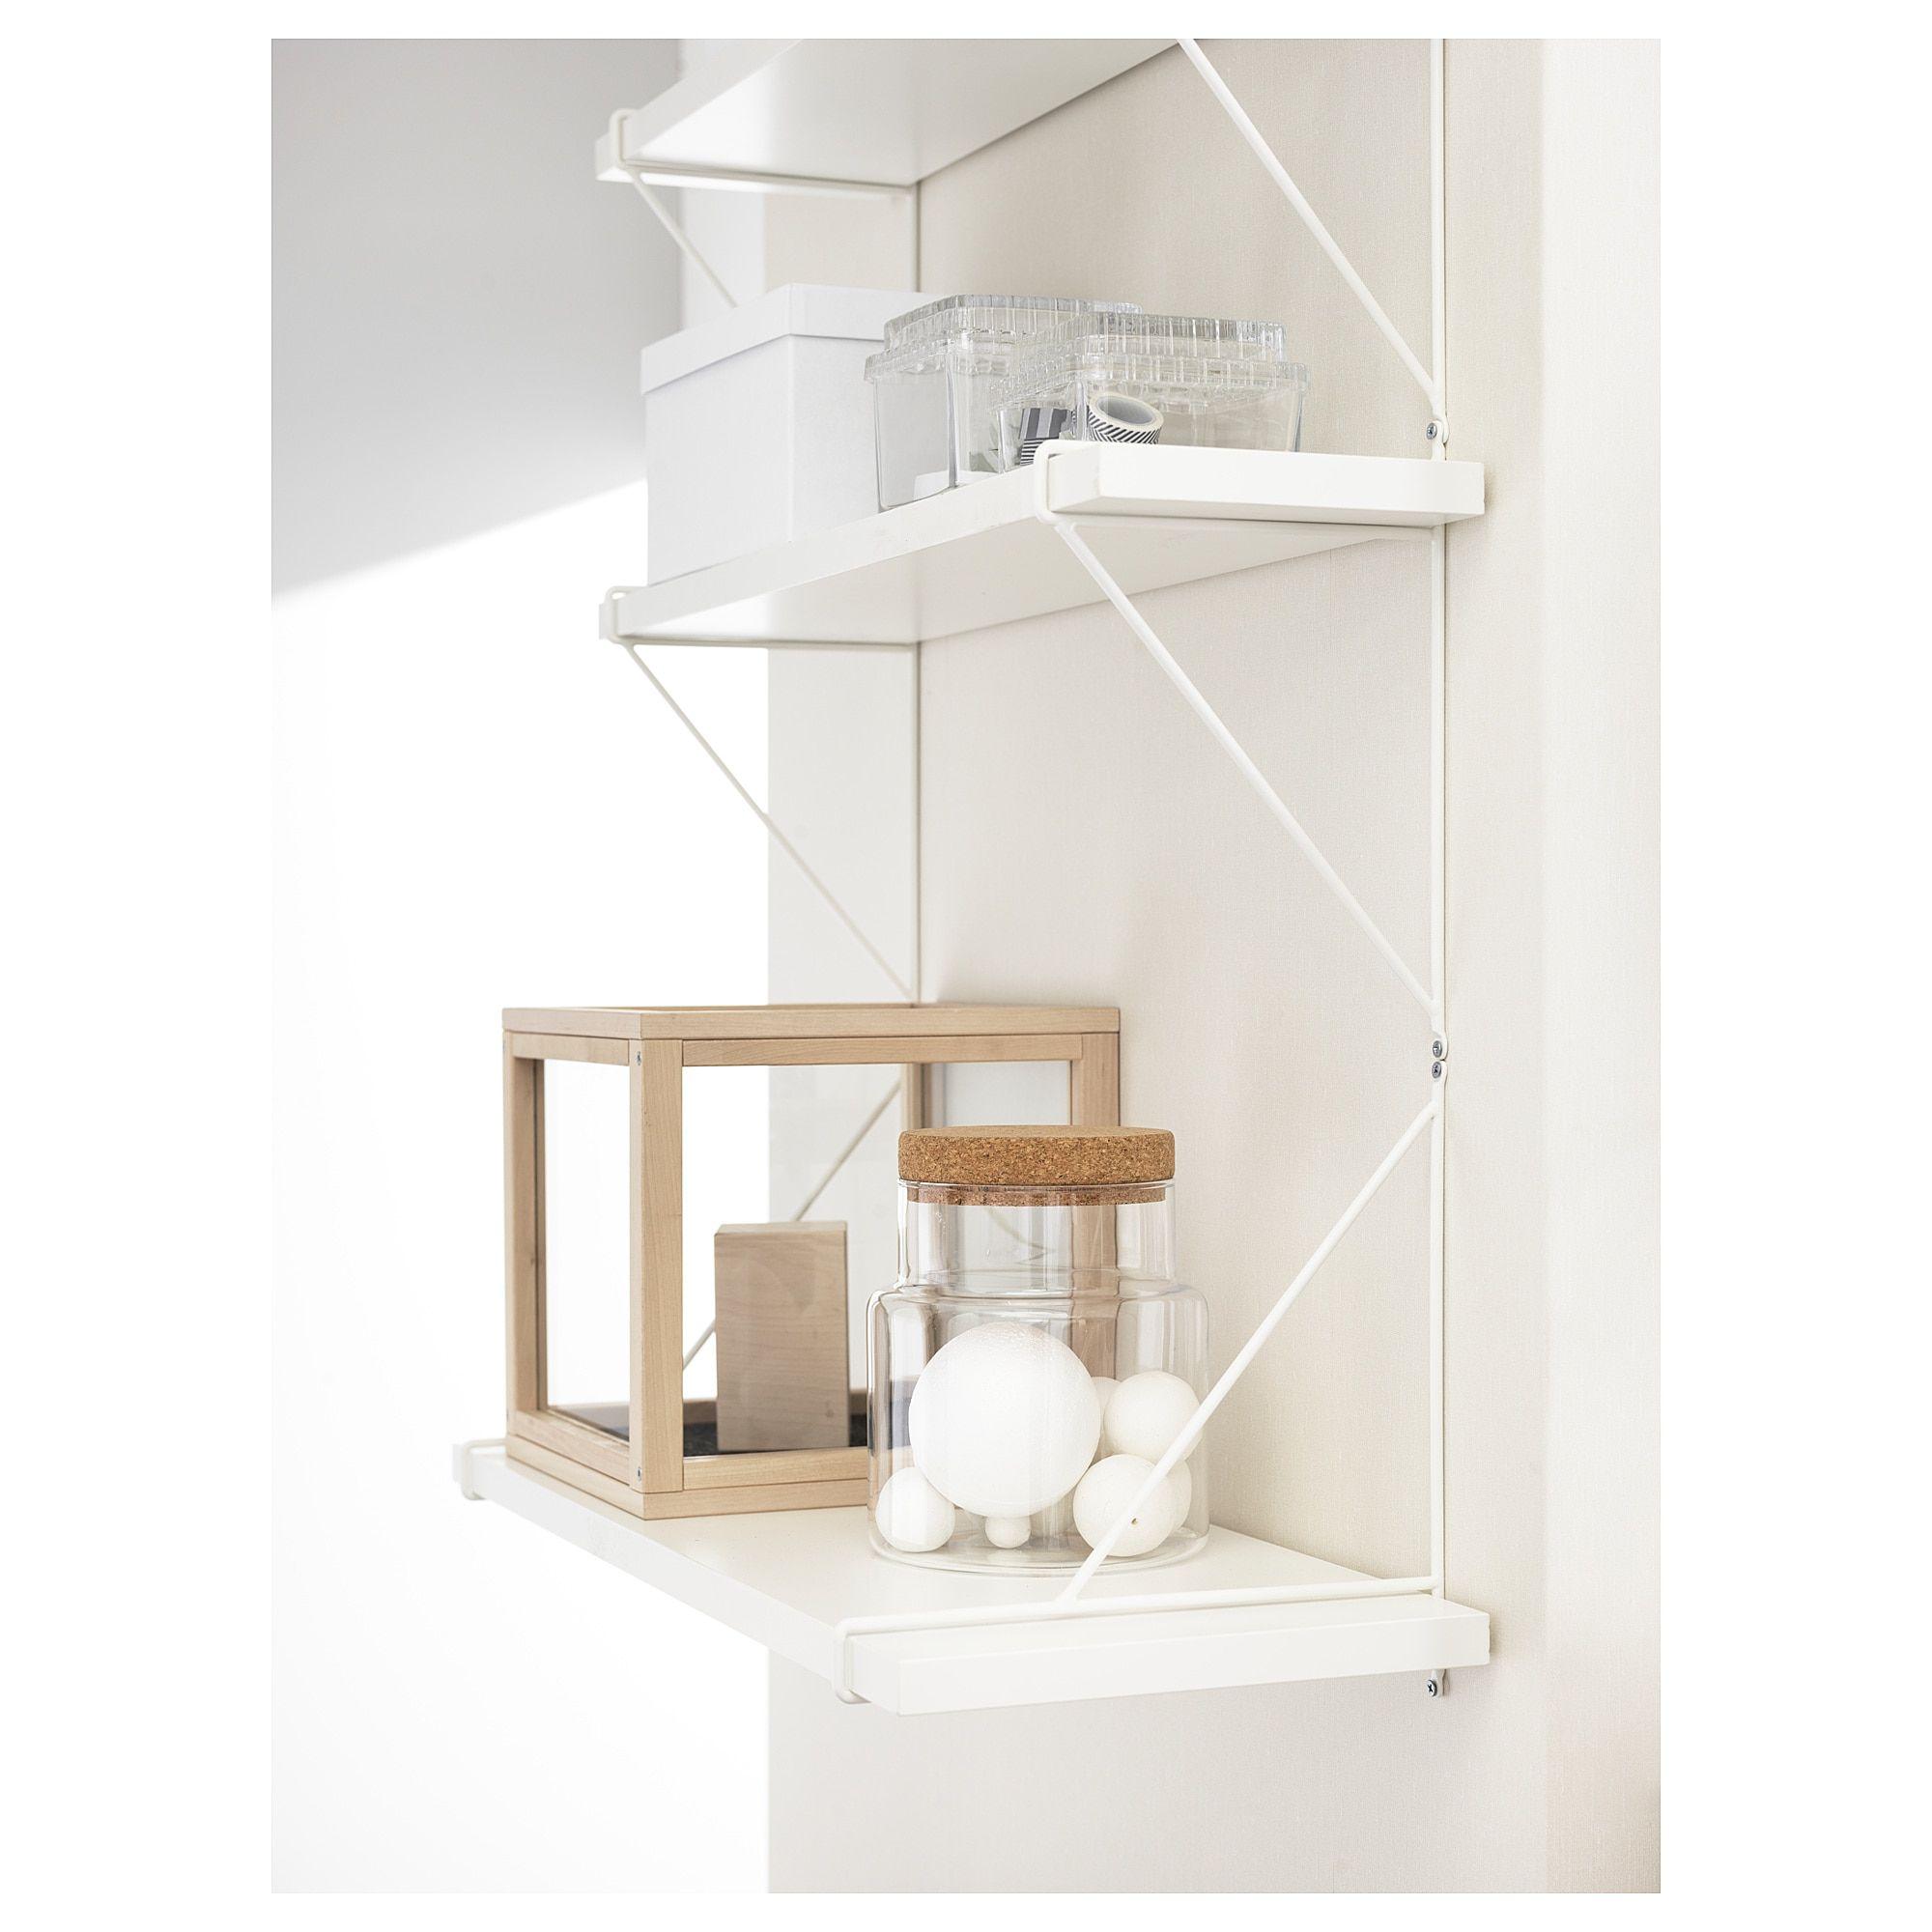 Full Size of Ikea Miniküche Küche Kaufen Kosten Sofa Mit Schlaffunktion Betten Bei 160x200 Modulküche Wohnzimmer Wandregale Ikea